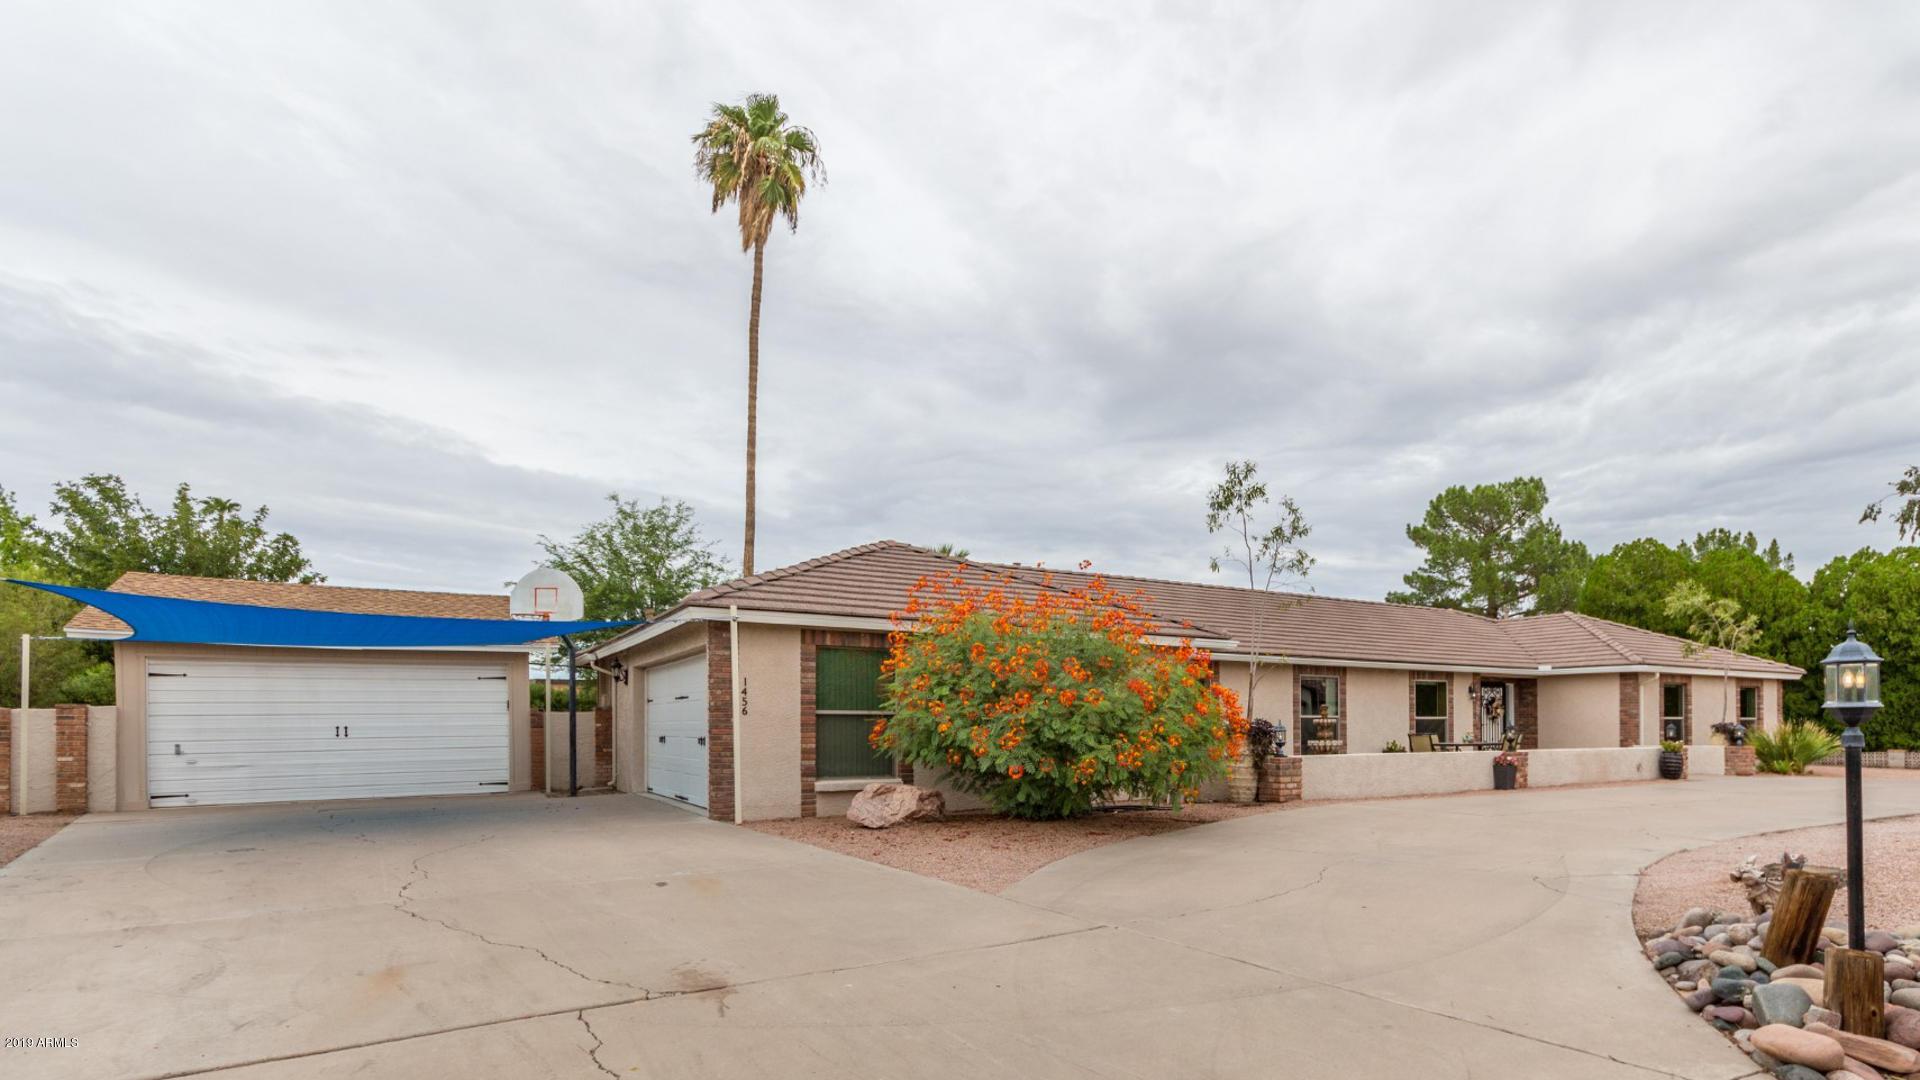 Photo of 1456 N GAYLORD Circle, Mesa, AZ 85213